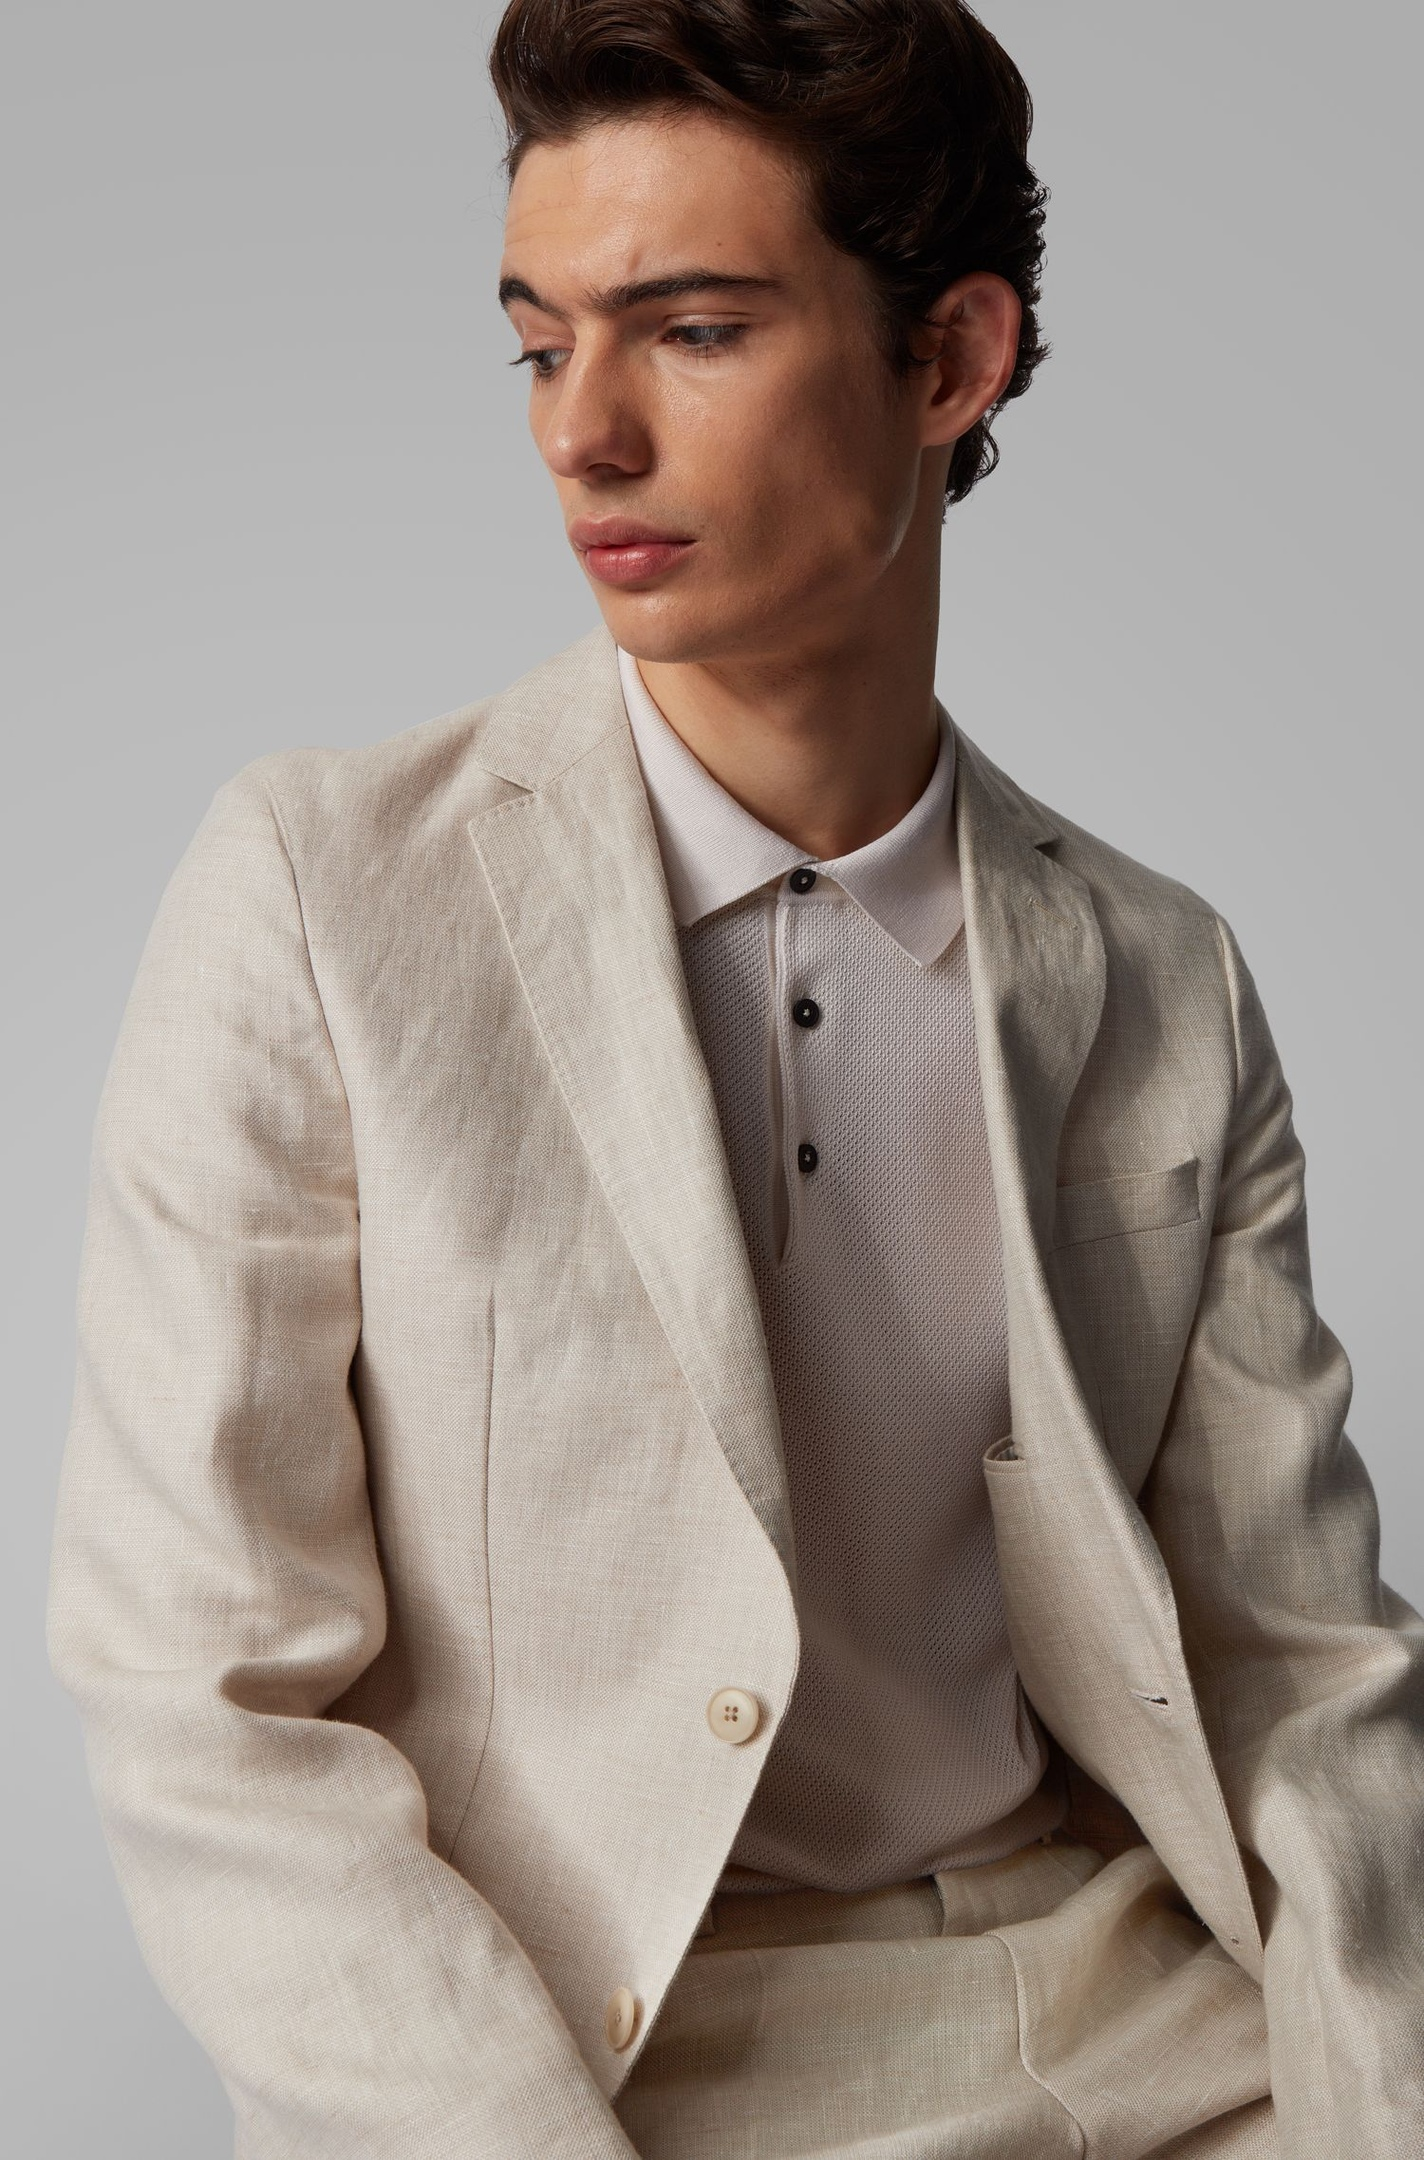 HUGO BOSS выпустил свой первый веганский мужской костюм, одобренный PETA, изображение №1